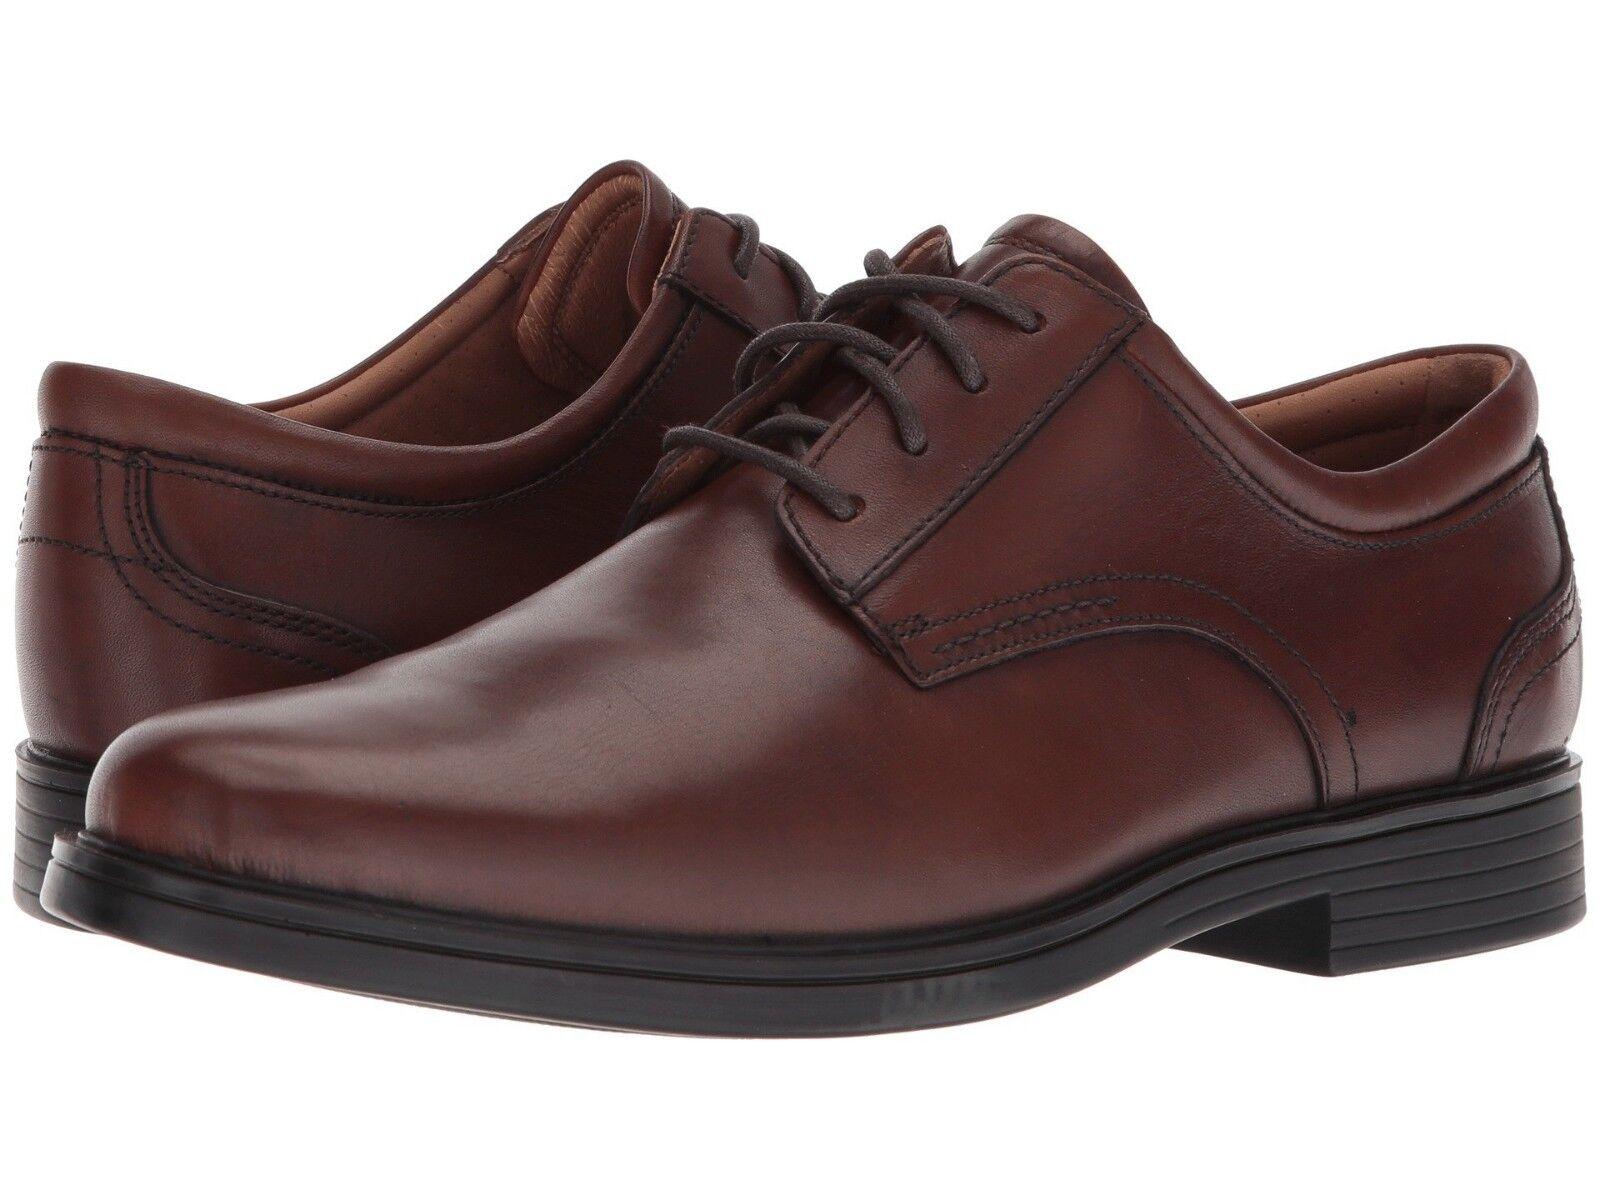 sconti e altro Clarks Clarks Clarks UN ALDRIC LACE Uomo Dark Tan Leather 32673 Lace Up Comfort Oxford scarpe  sconto prezzo basso